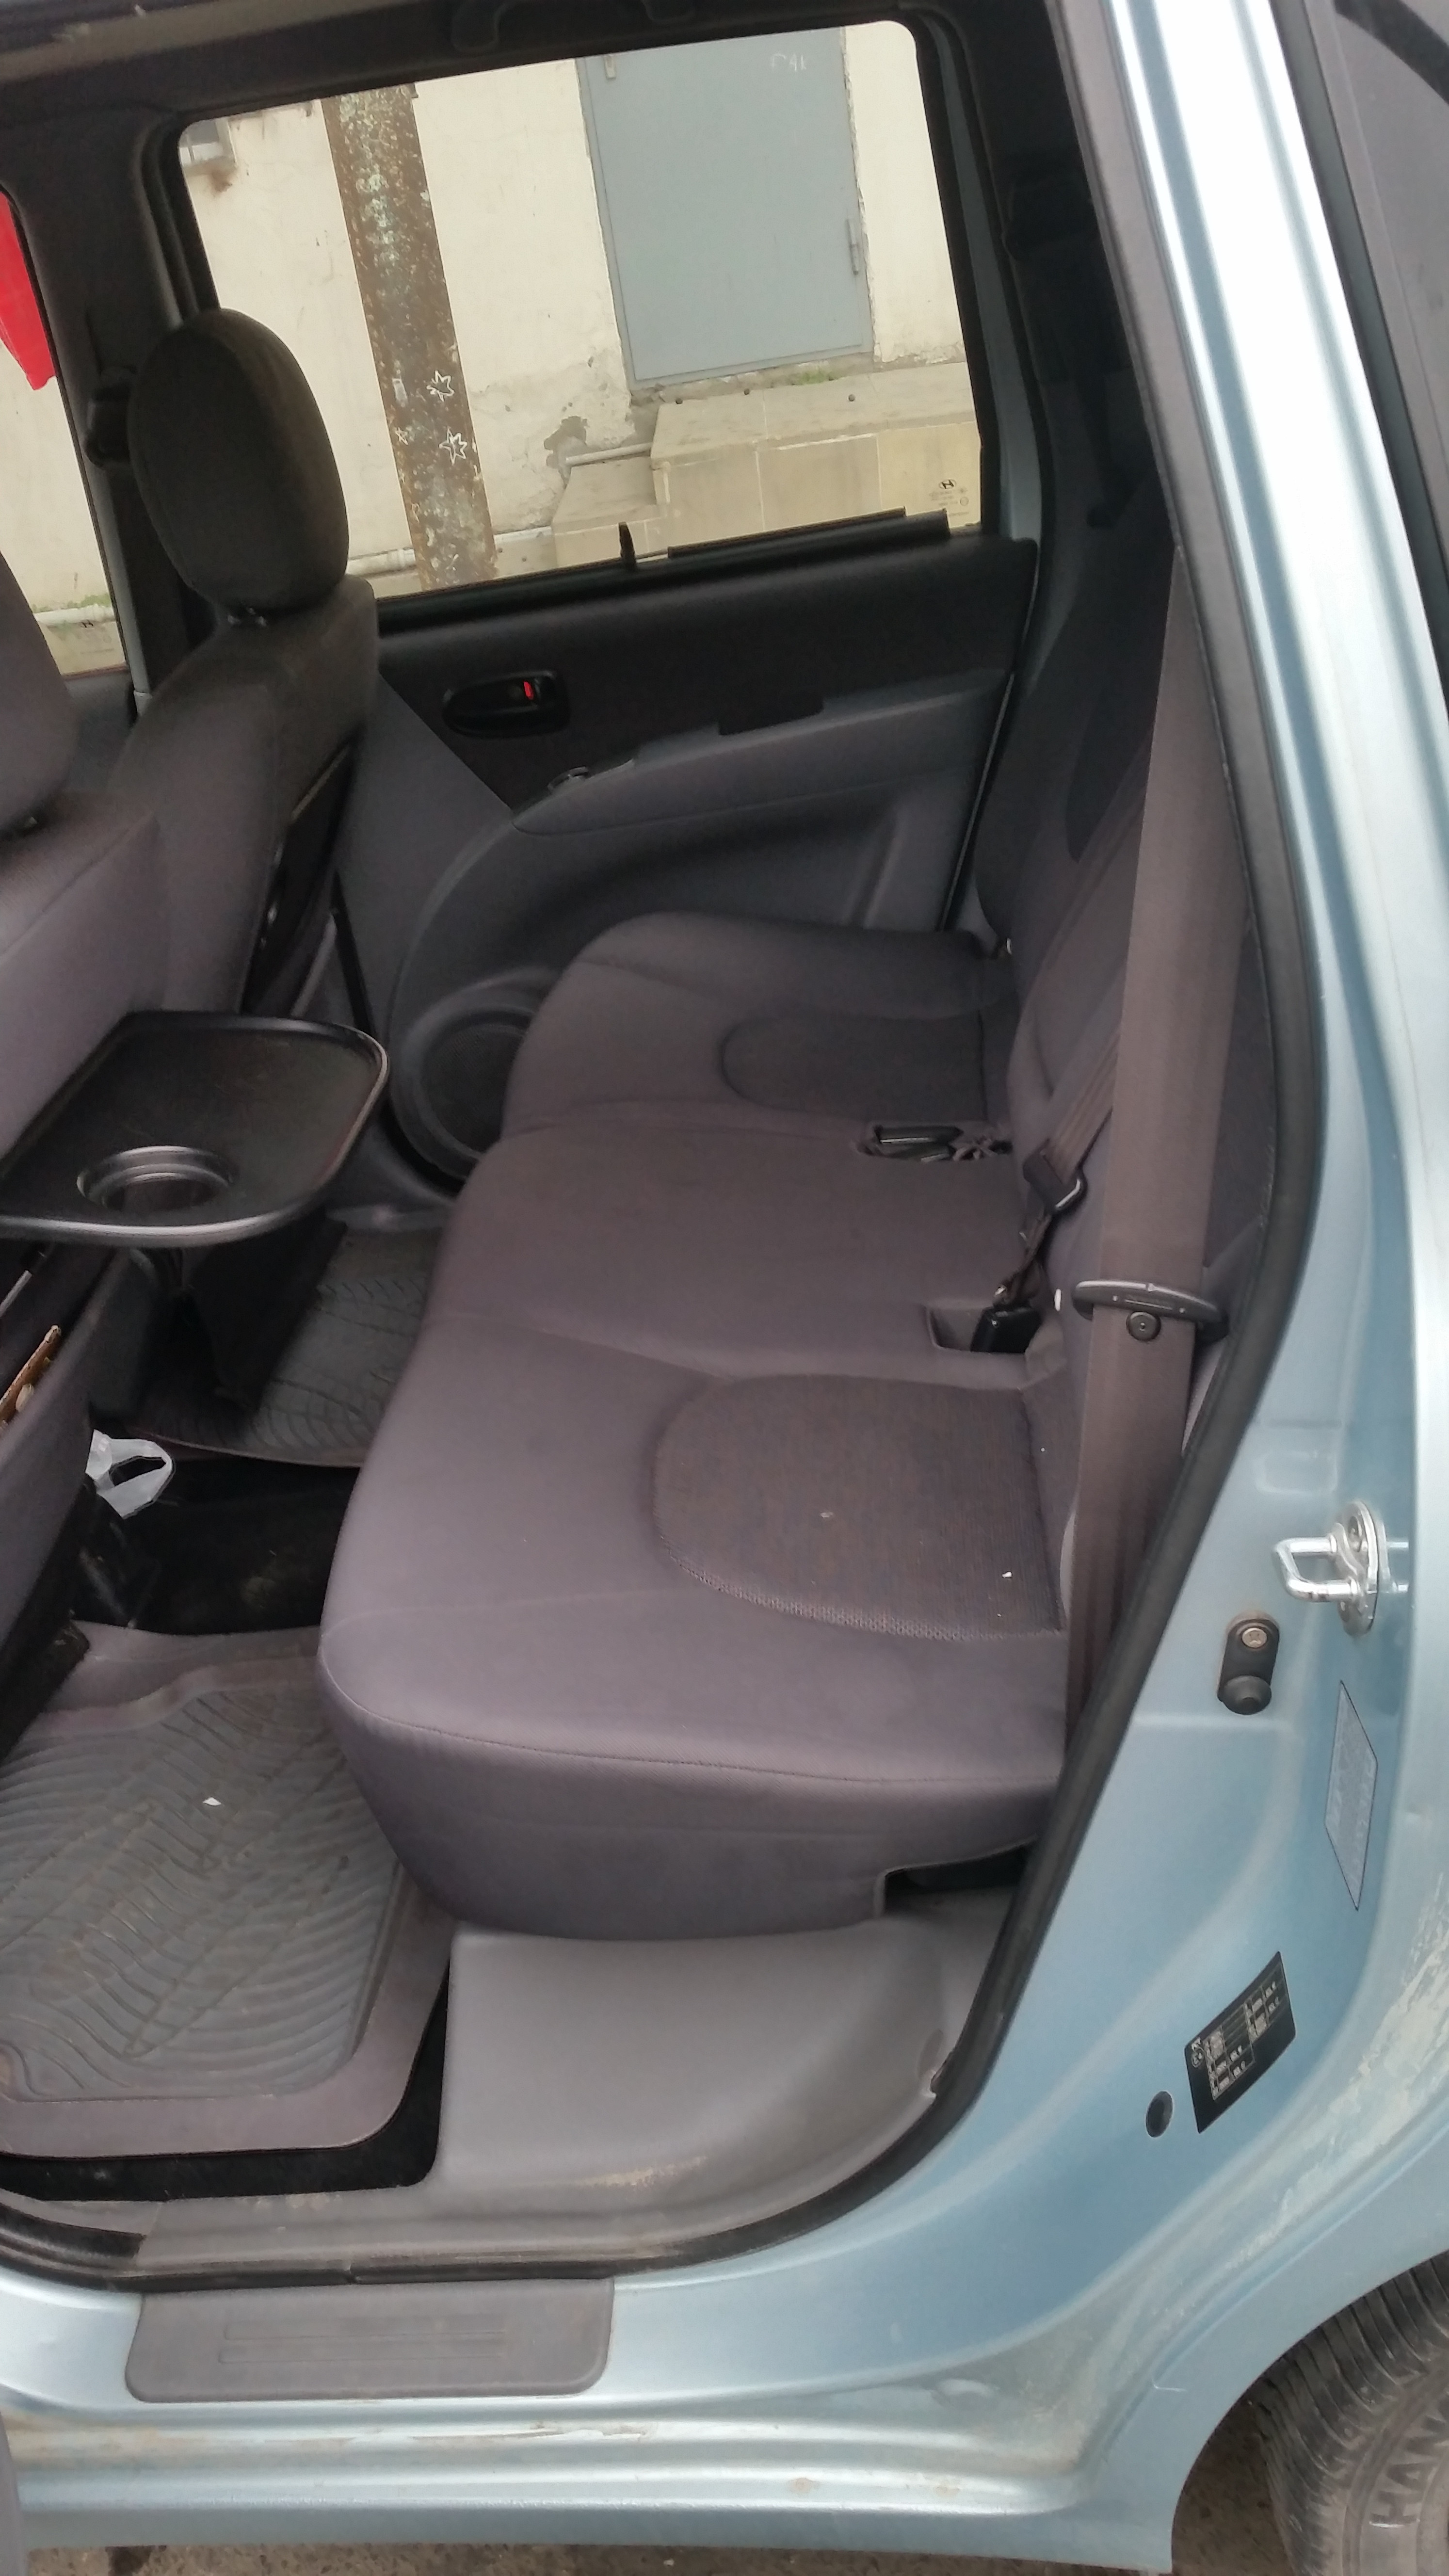 Hyundai Matrix 1.6(lt) 2008 İkinci əl  $6000